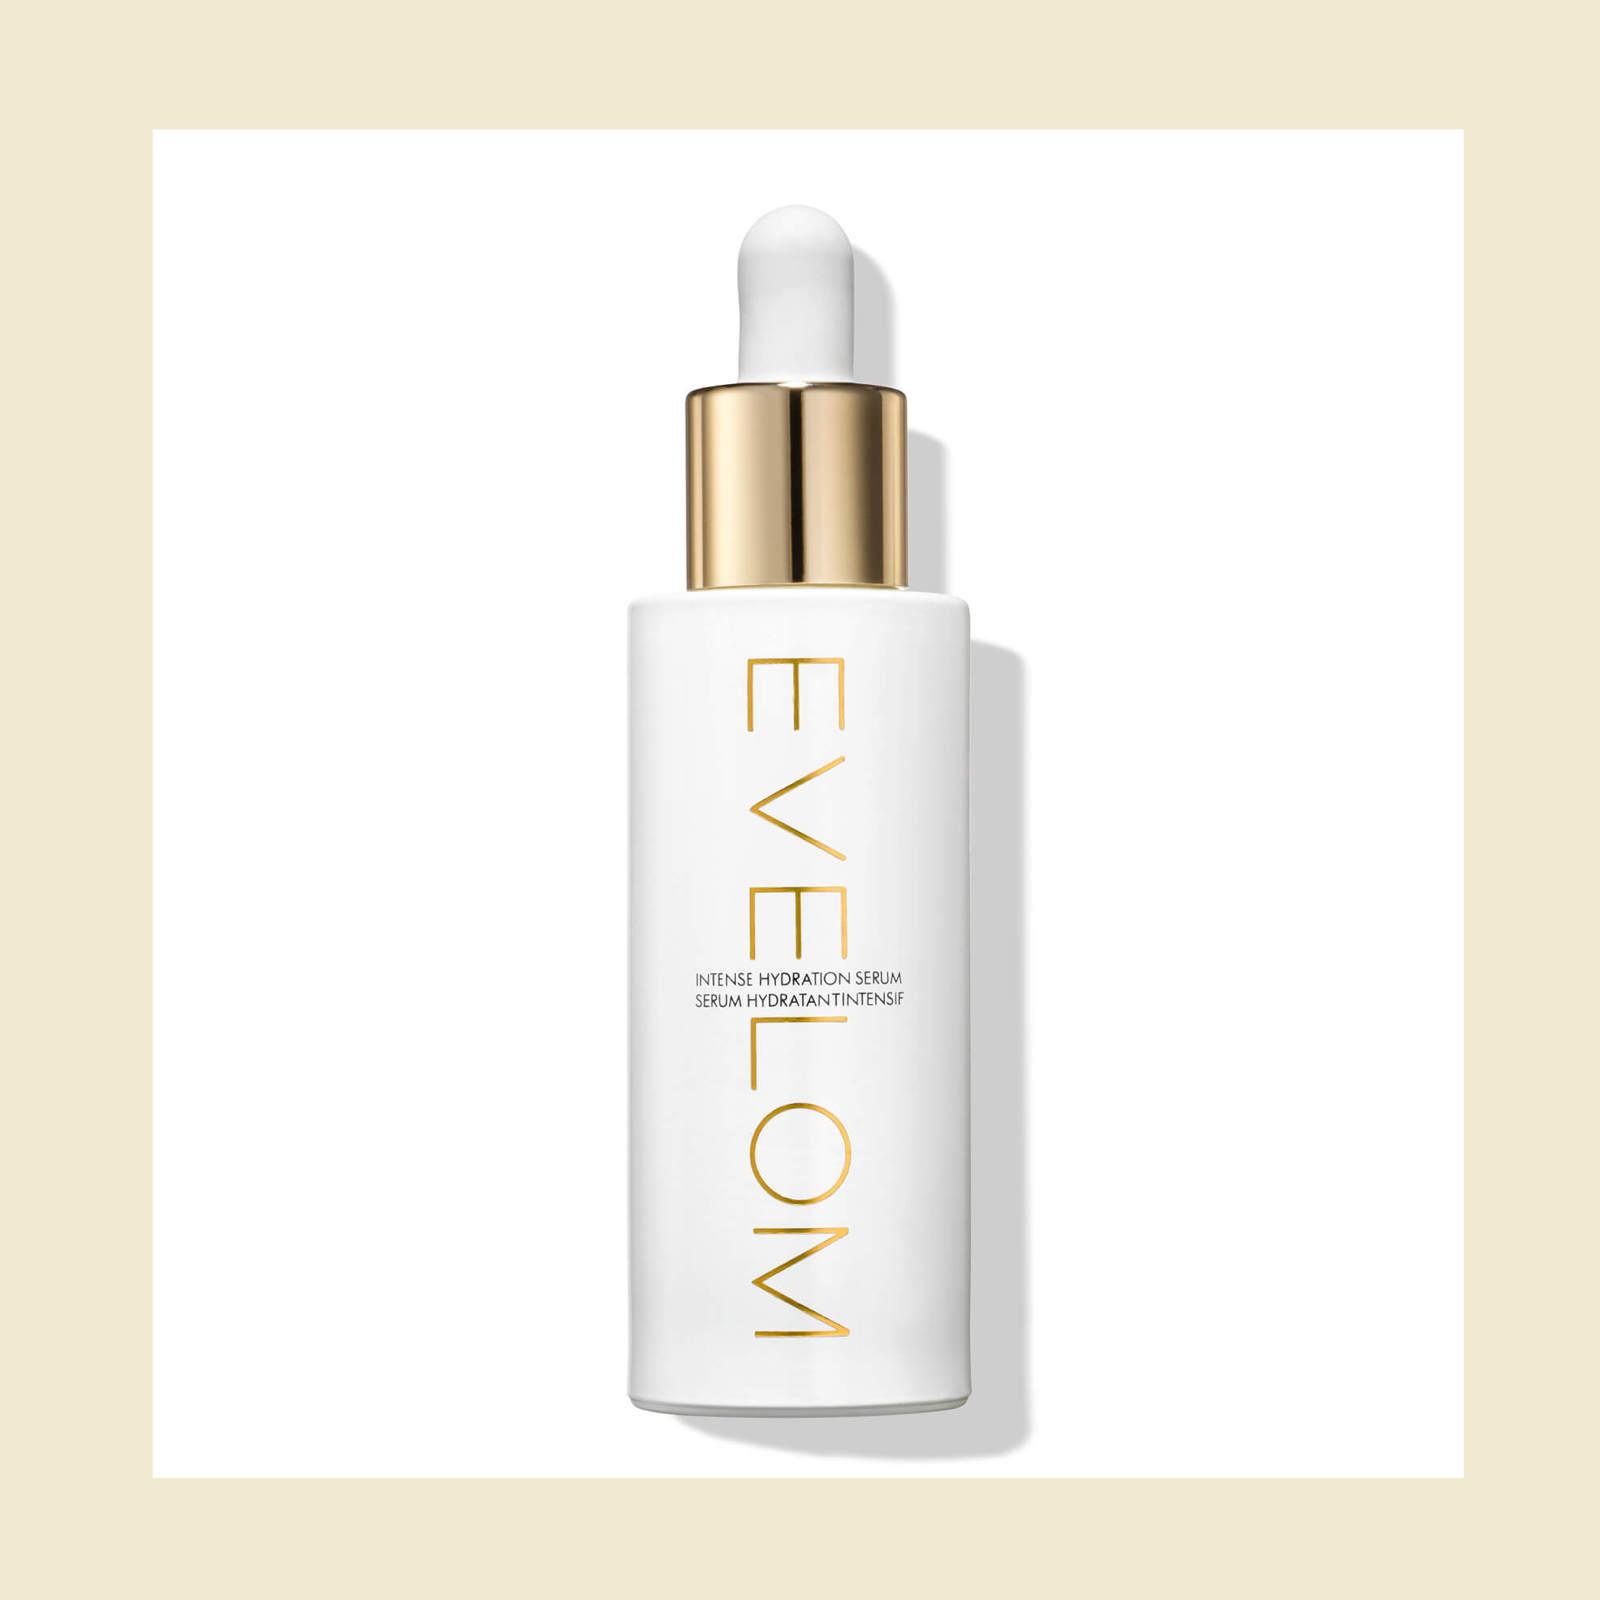 【高光时刻】有效提高肌肤含水量!EVE LOM 全能保湿修护精华